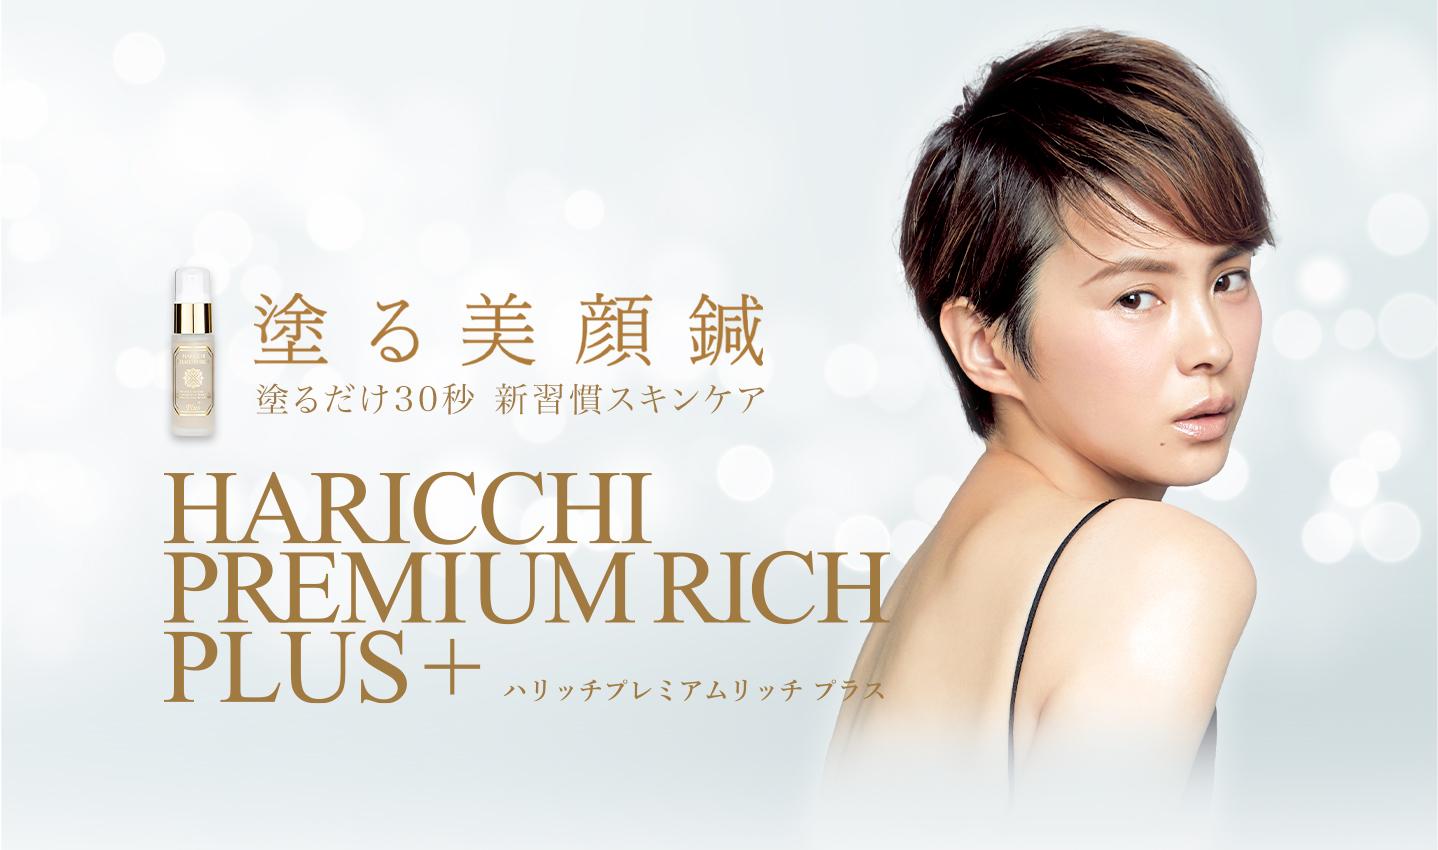 塗る美顔鍼 塗るだけで30秒 新習慣スキンケア HARICCHI PREMIUM RICH PLUS+ ハリッチプレミアムリッチプラス